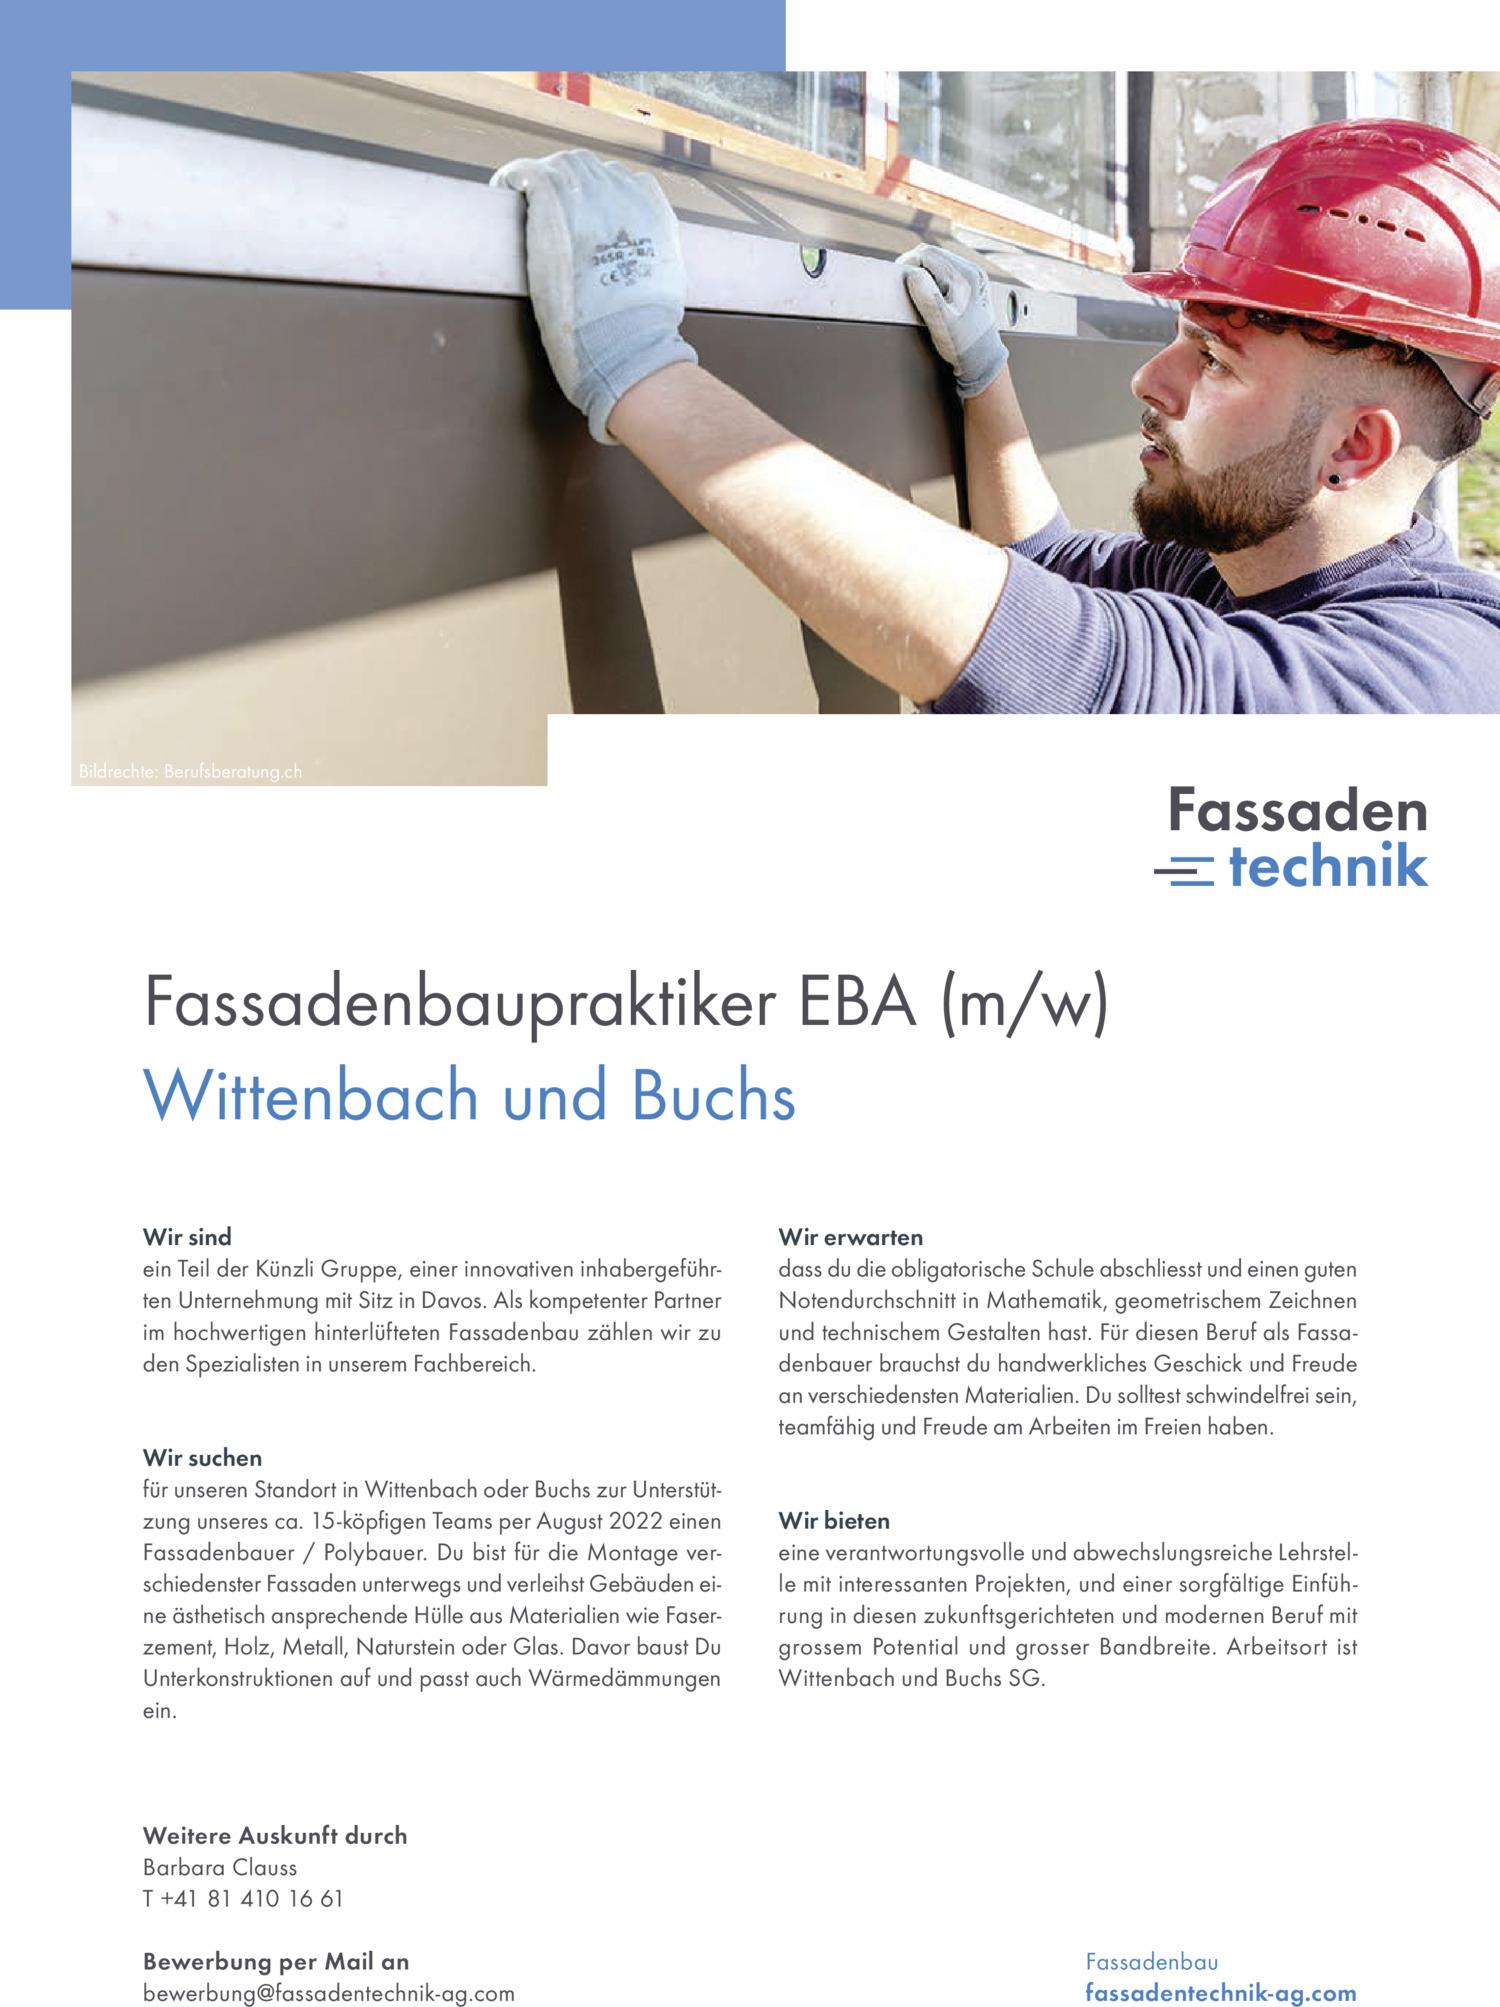 Inserat Fassadenbaupraktiker EBA (m/w) – Wittenbach oder Buchs